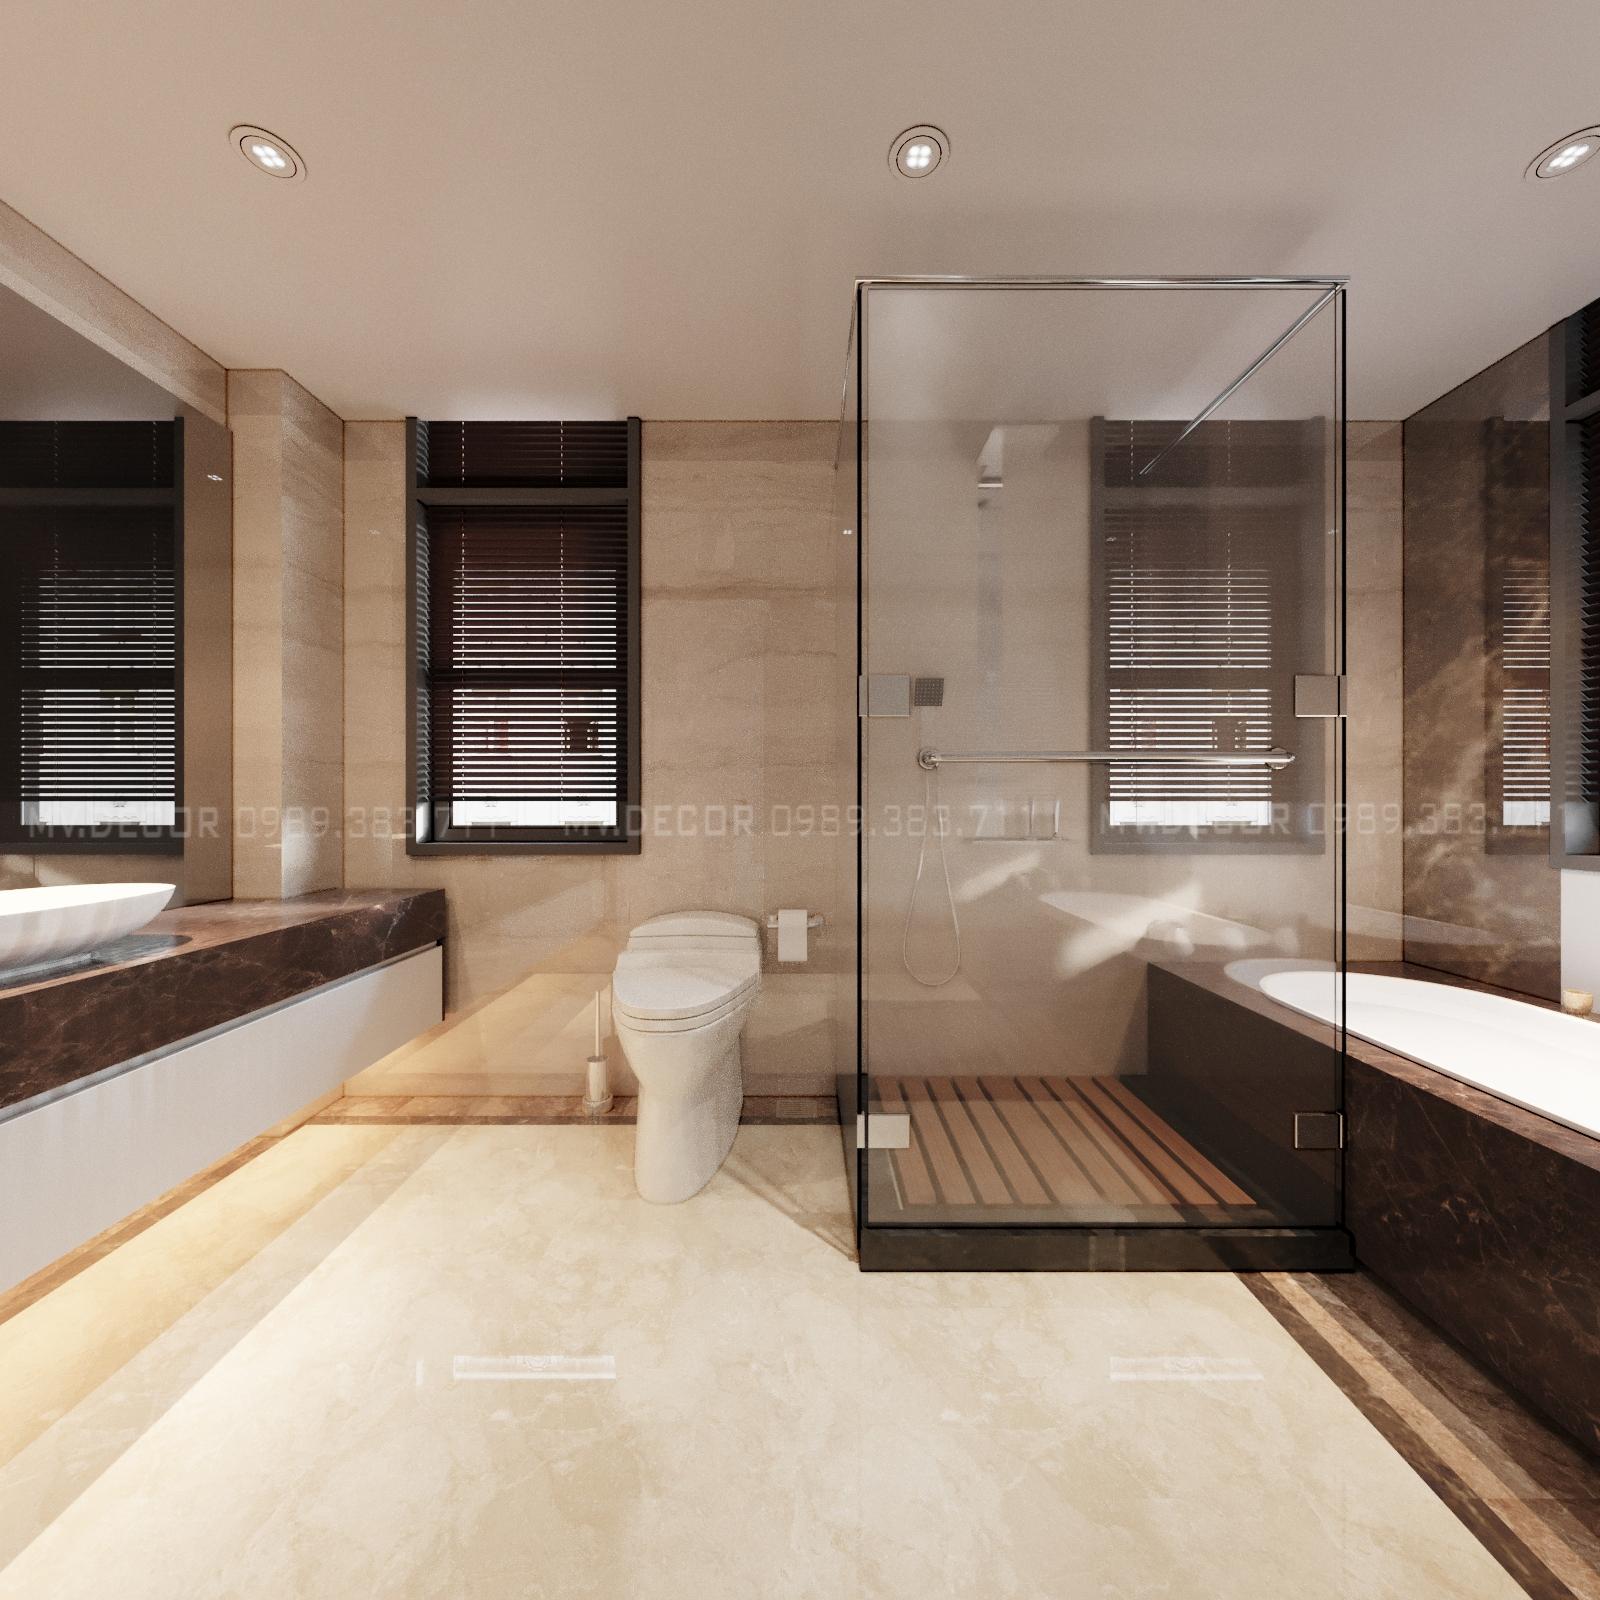 thiết kế nội thất Biệt Thự tại Hải Phòng BT VENICE 6-26 23 1564932020